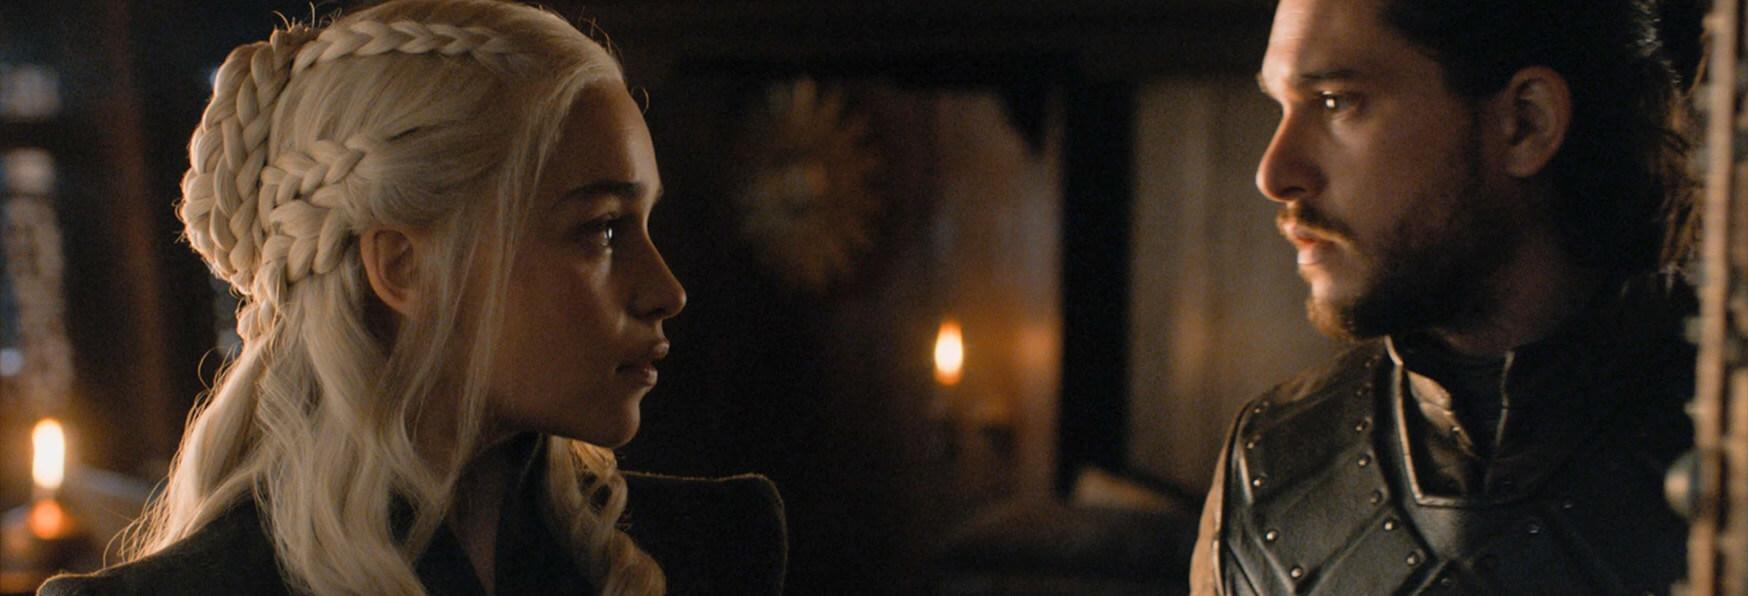 Kit Harington si sbilancia sul finale di Game of Thrones